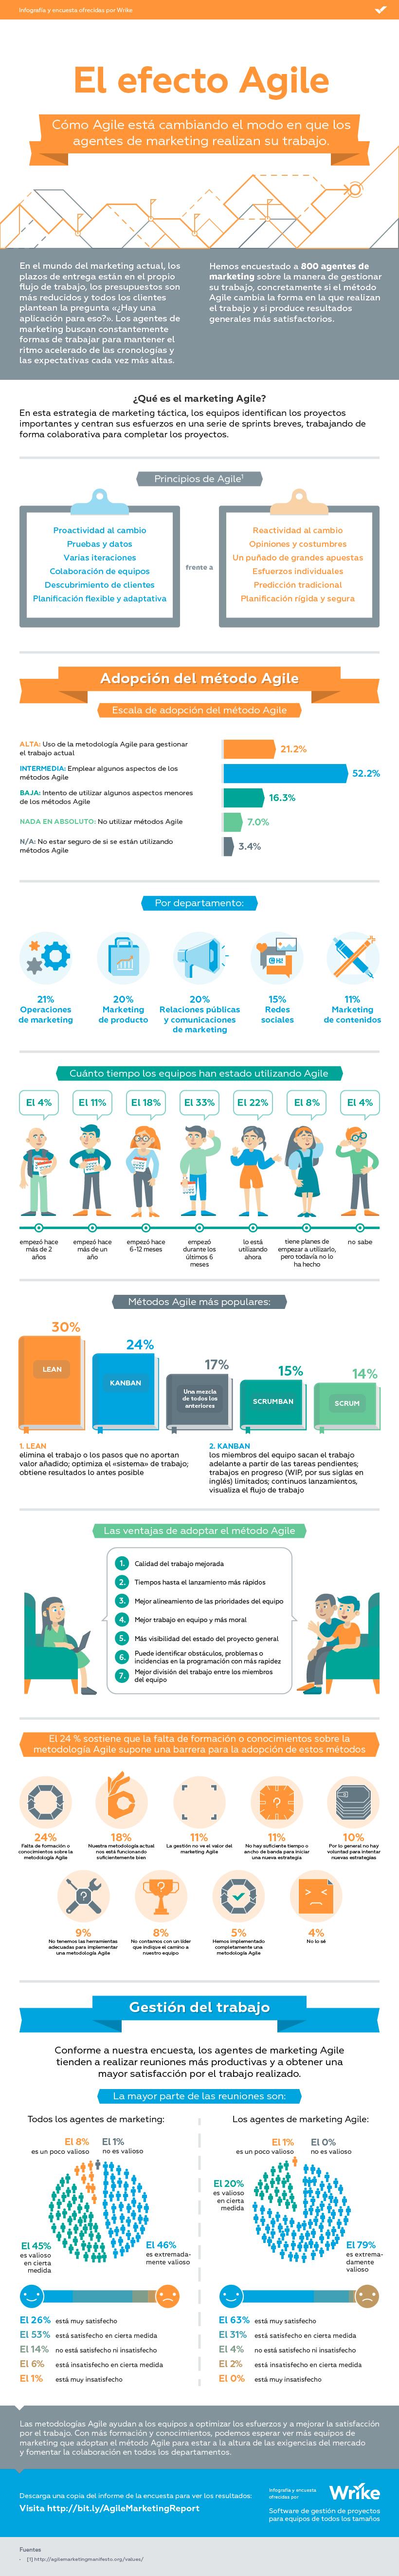 El efecto de Agile en los equipos de marketing #infografia #infographic #marketing